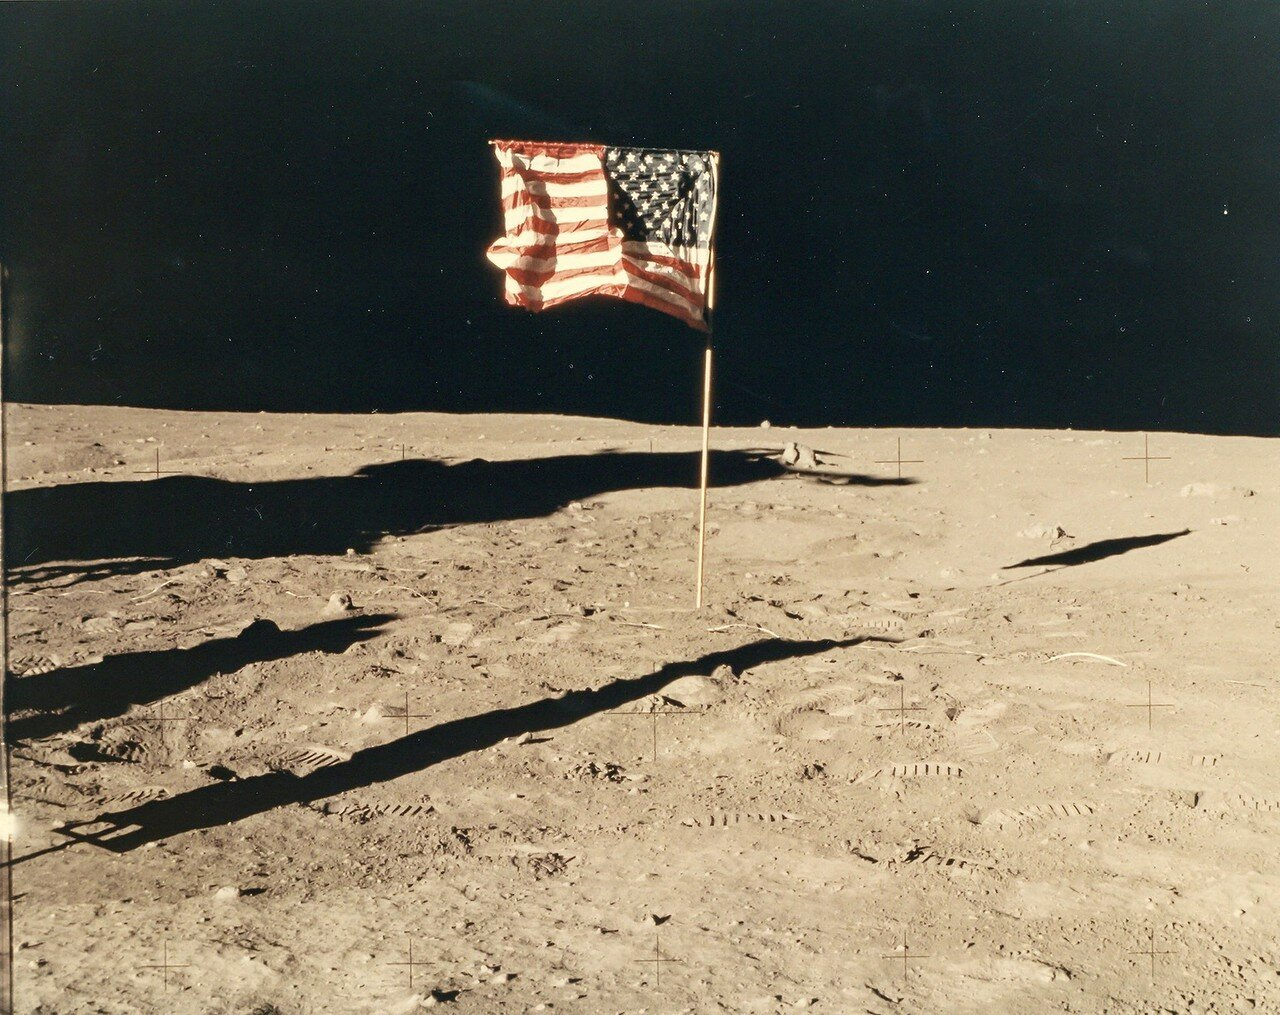 В это время «Колумбия», продолжавшая орбитальный полёт, показалась из-за края лунного диска, и оператор связи  сообщил Коллинзу о церемонии установки флага и сказал, что он, наверное, единственный человек, который не имеет возможности наблюдать церемонию